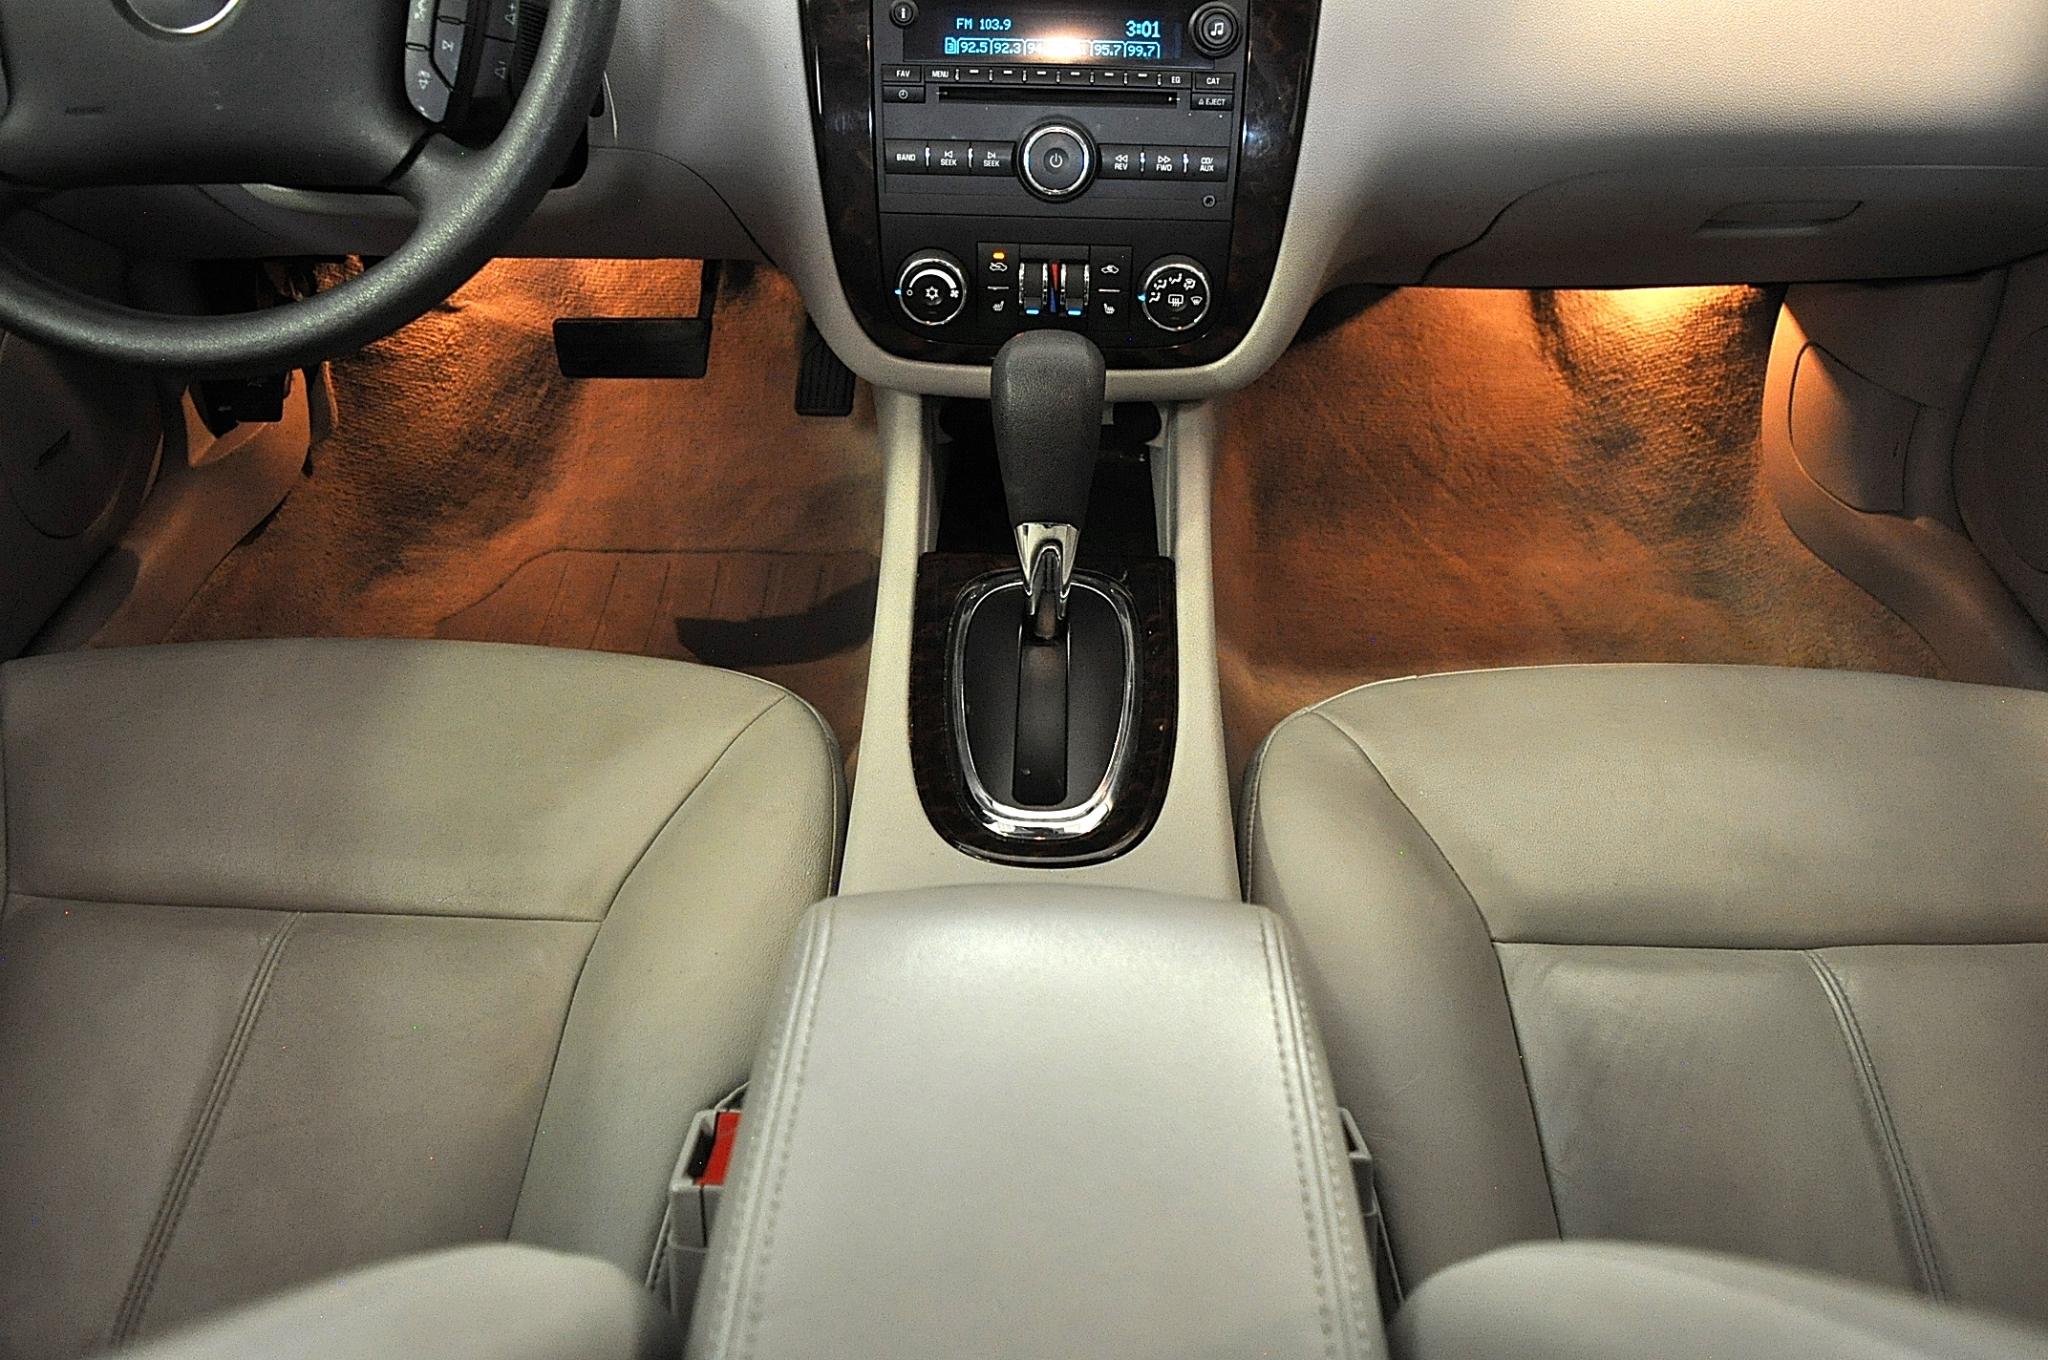 Chevrolet Impala Limited LTZ Fleet 2016